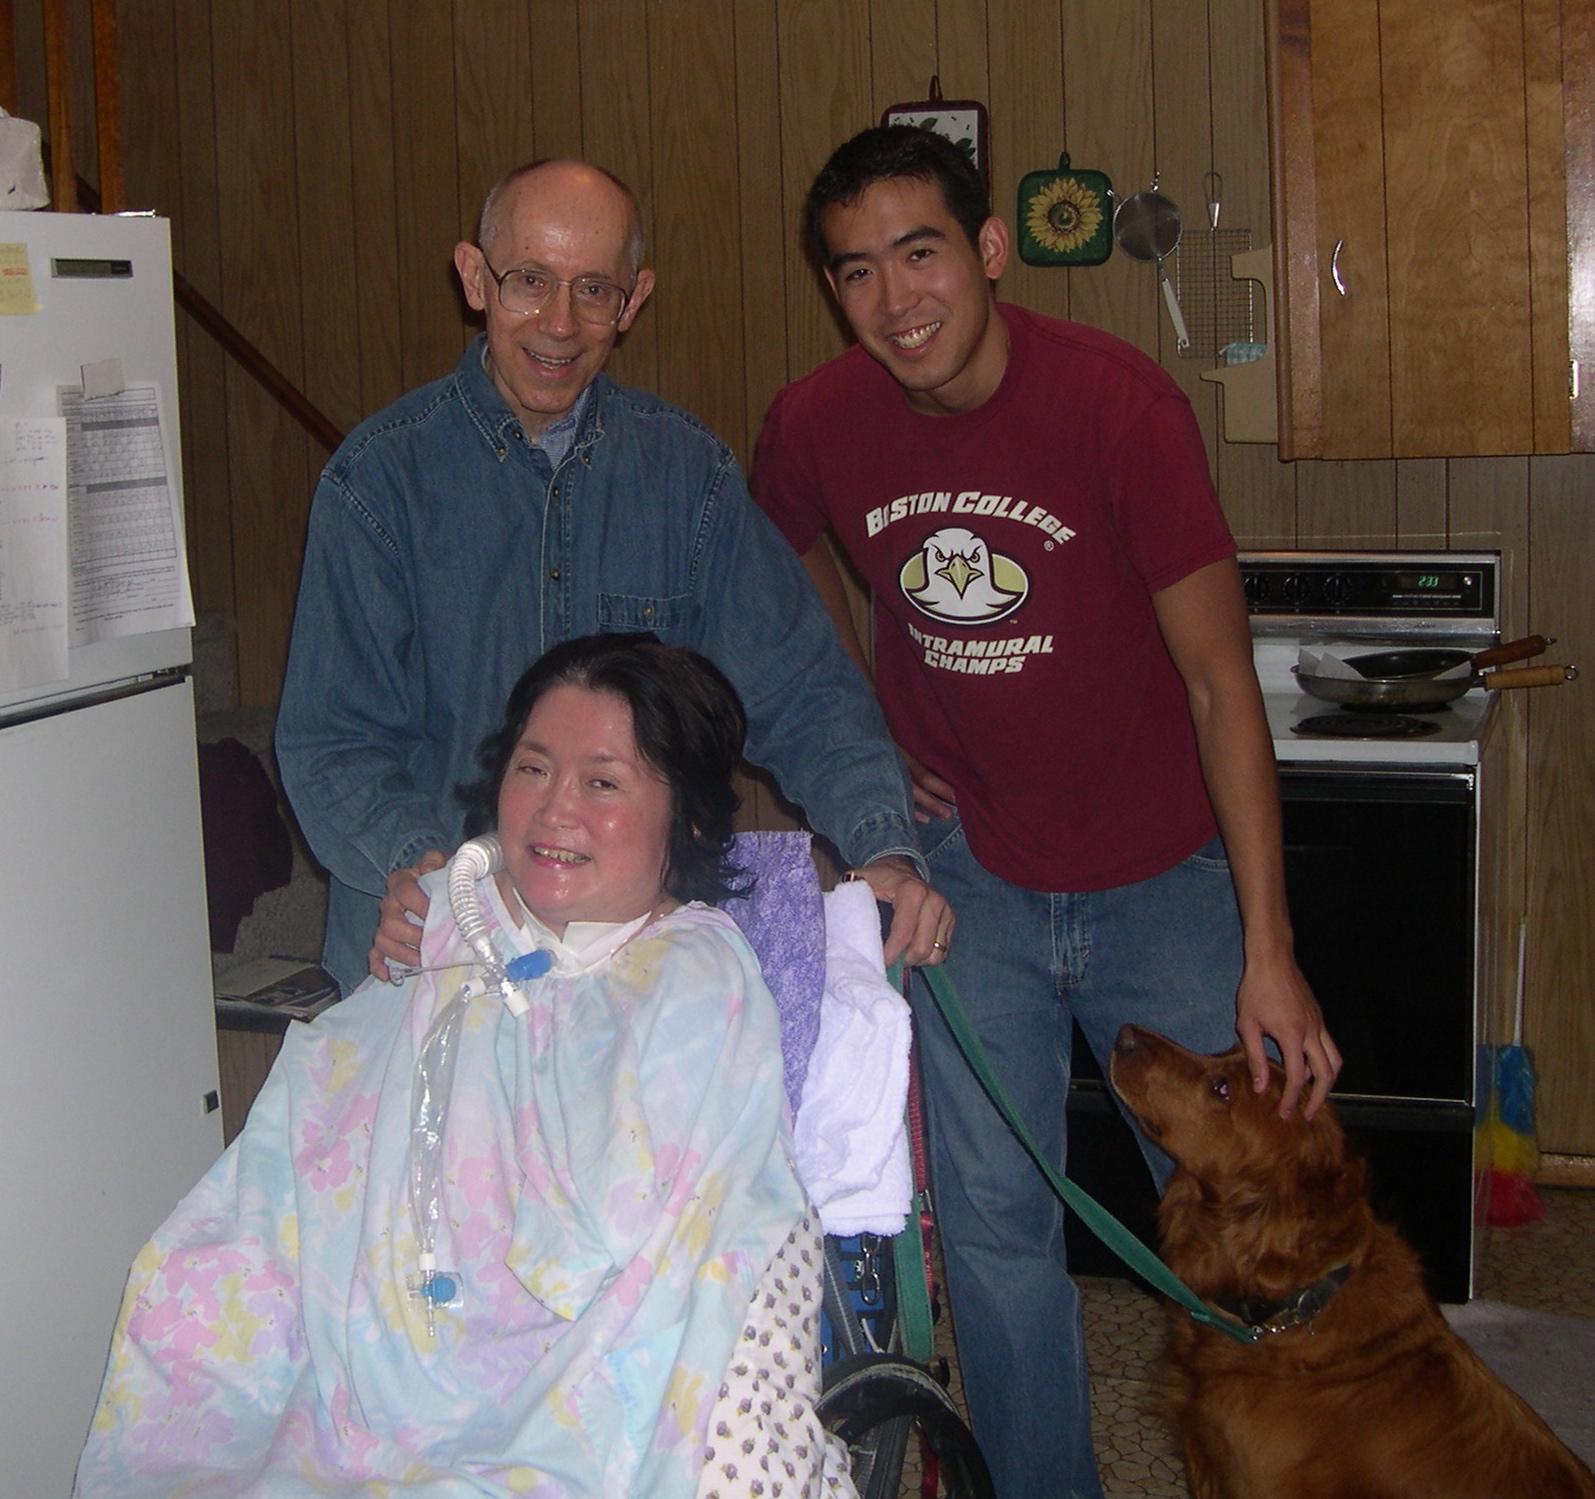 Doug his wife, Tina and his stepson